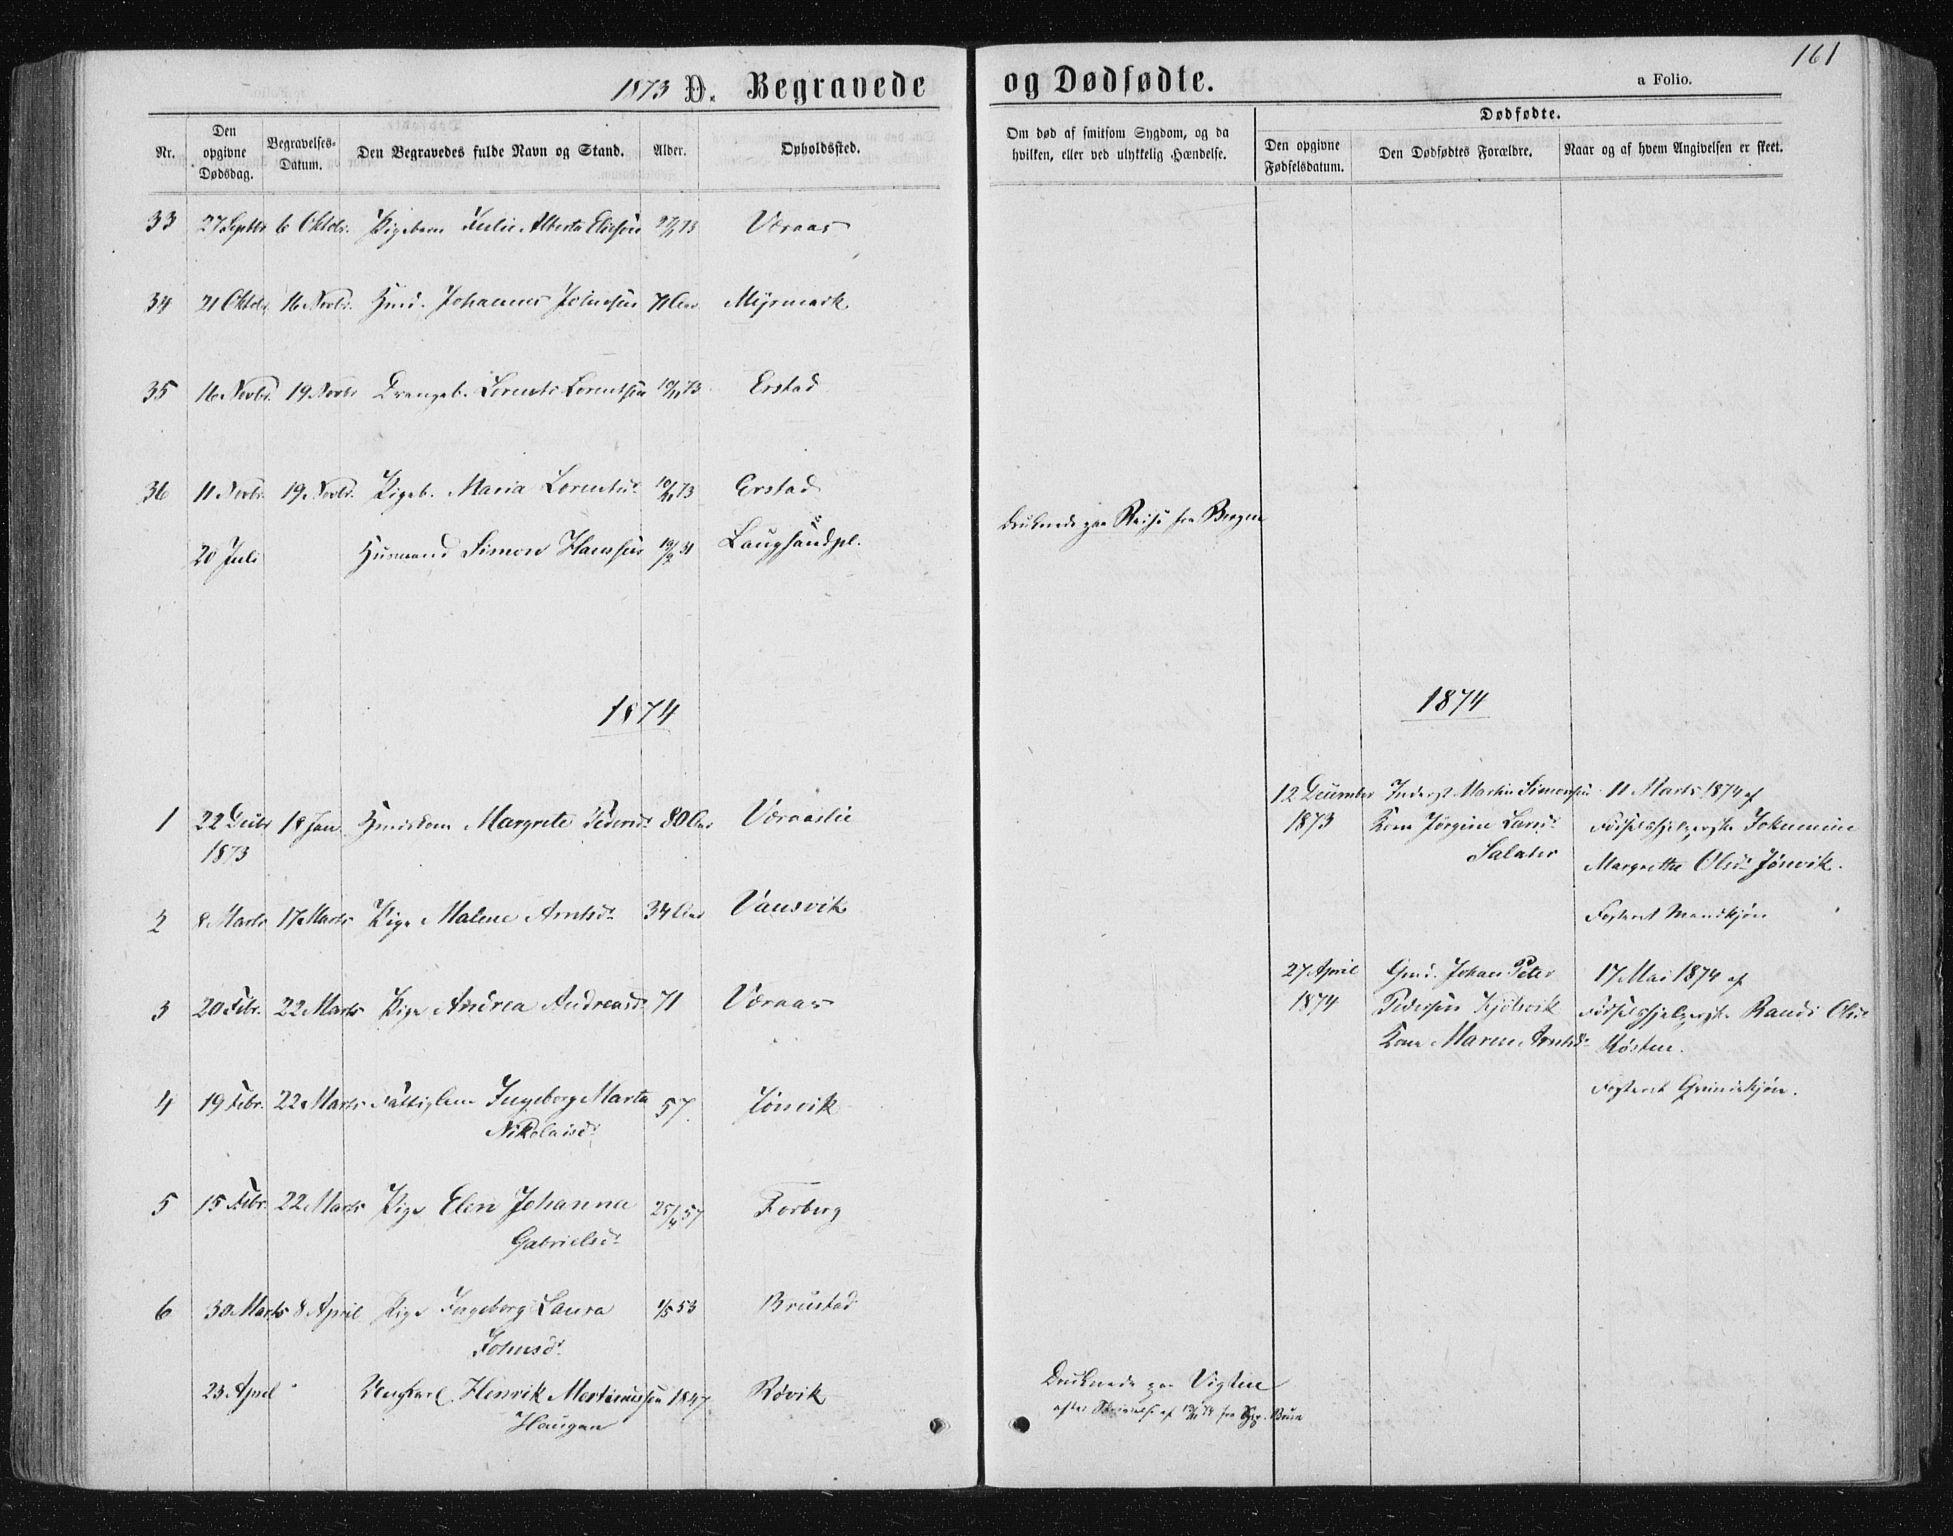 SAT, Ministerialprotokoller, klokkerbøker og fødselsregistre - Nord-Trøndelag, 722/L0219: Ministerialbok nr. 722A06, 1868-1880, s. 161